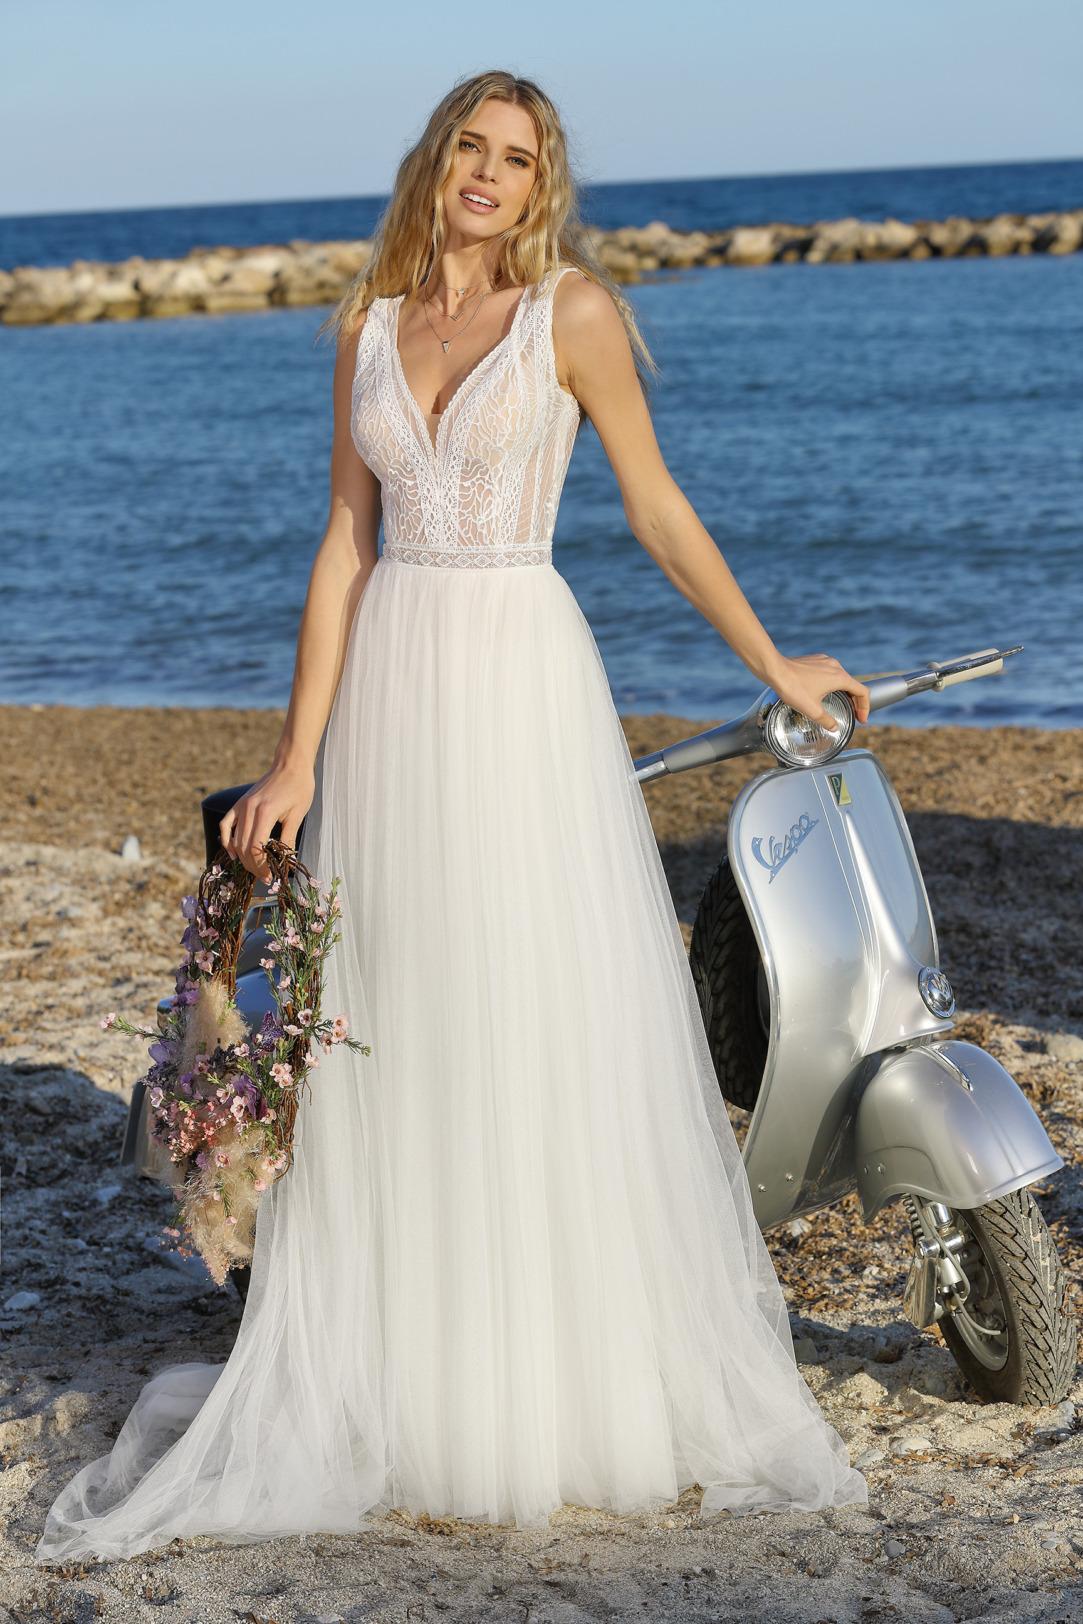 Brautkleid im Empire Schnitt von Ladybird Modell 321044. Traumhaftes Hochzeitskleid im Vintage Stil, mit transparenter feiner Spitze und V Ausschnitt und leichtem Tüllrock